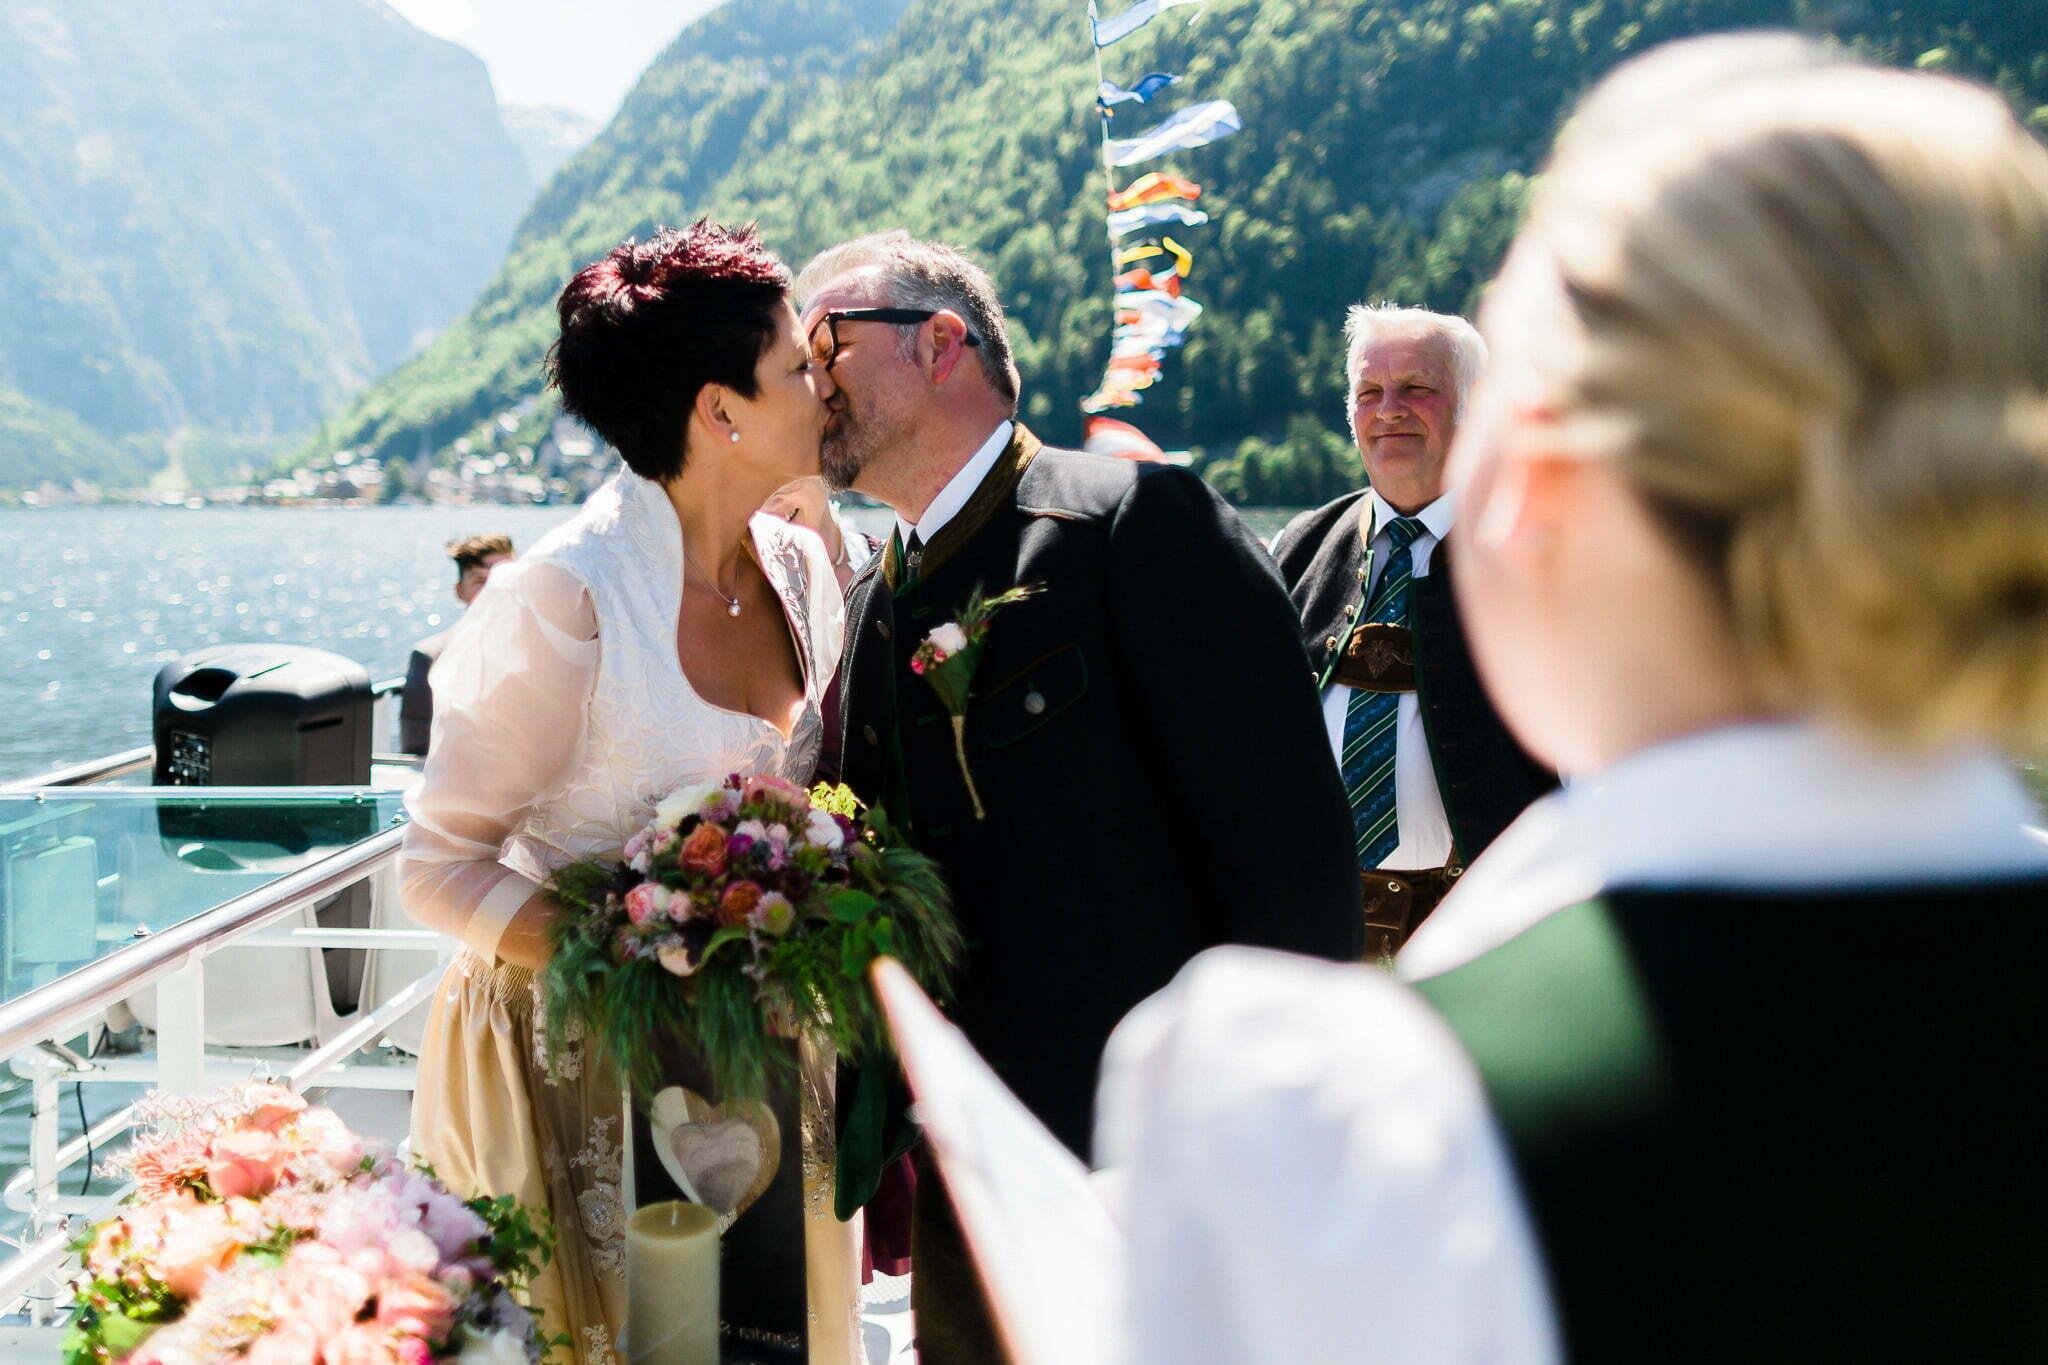 markus-schneeberger-photography-hochzeit-hallstadt-salzkammergut40